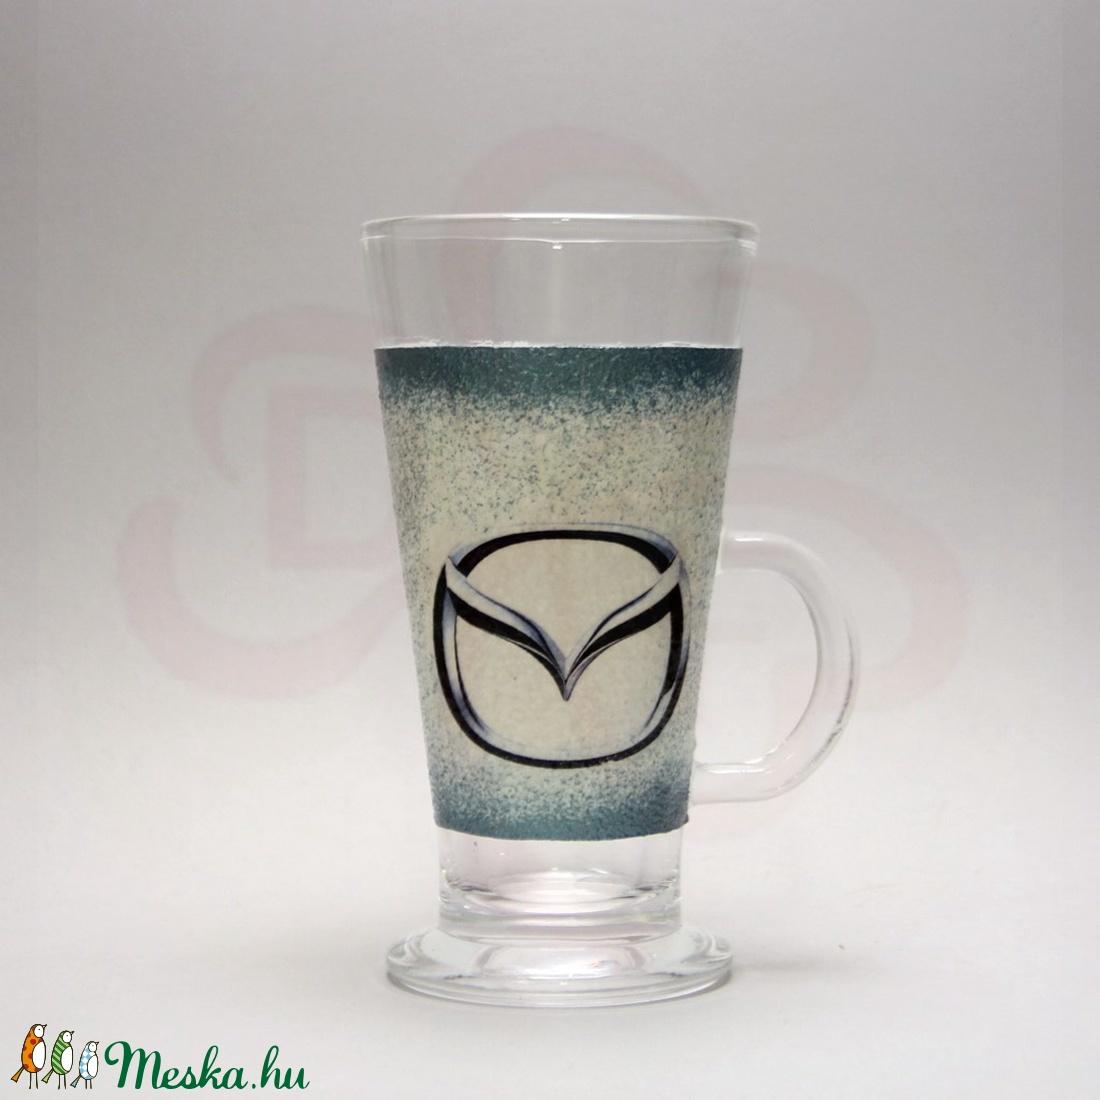 MAZDA kávés pohár kávé imádóknak ; Mazda autó rajongóknak - Meska.hu